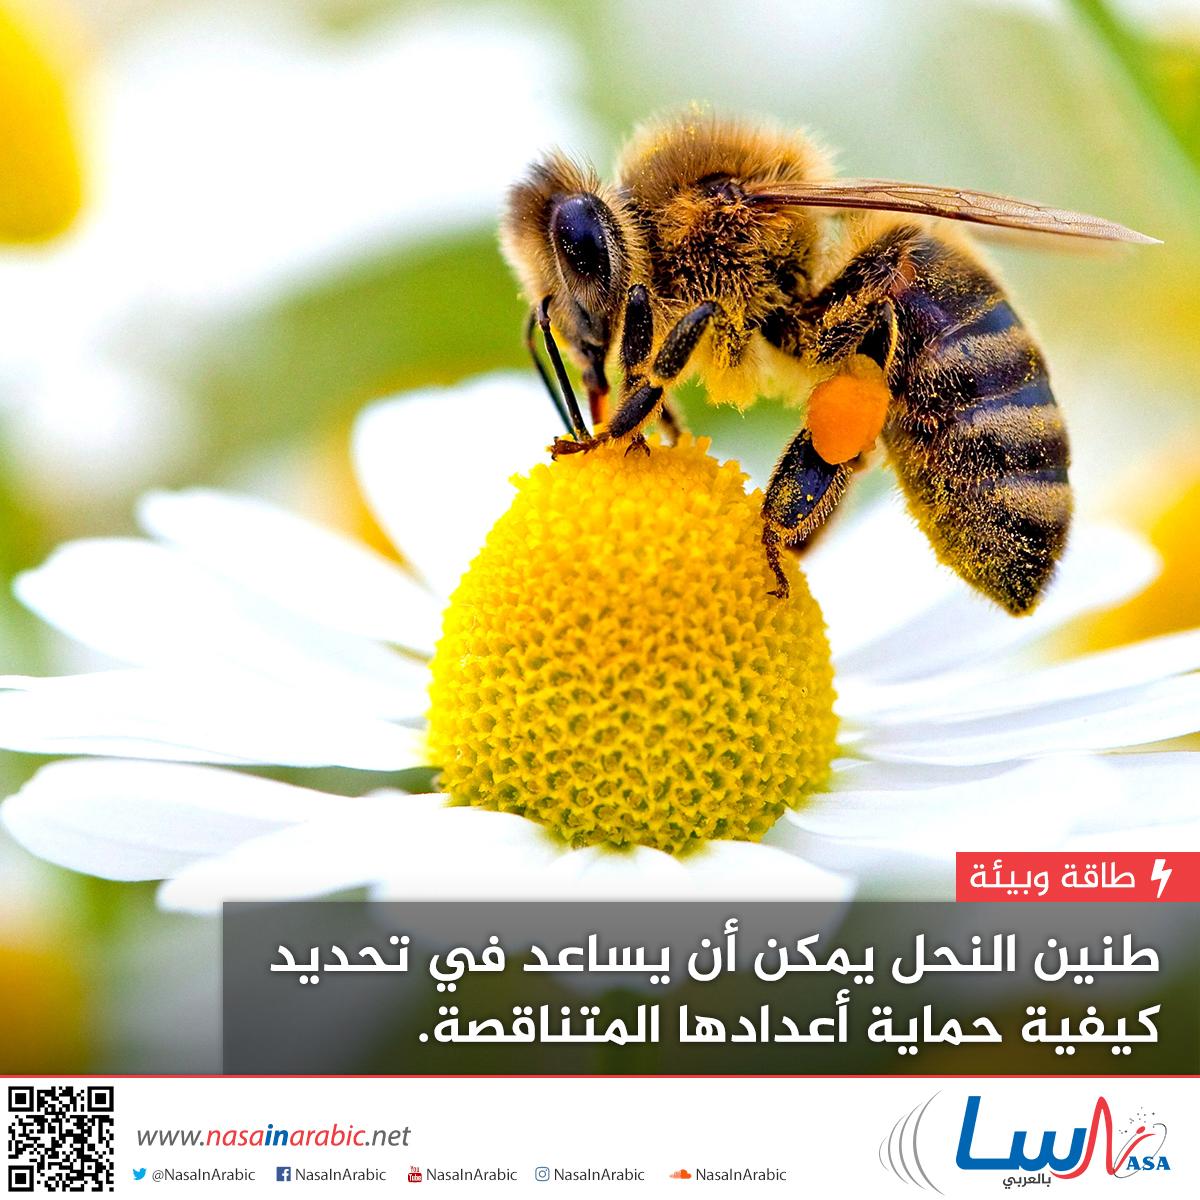 طنين النحل يمكن أن يساعد في تحديد كيفية حماية أعدادها المتناقصة